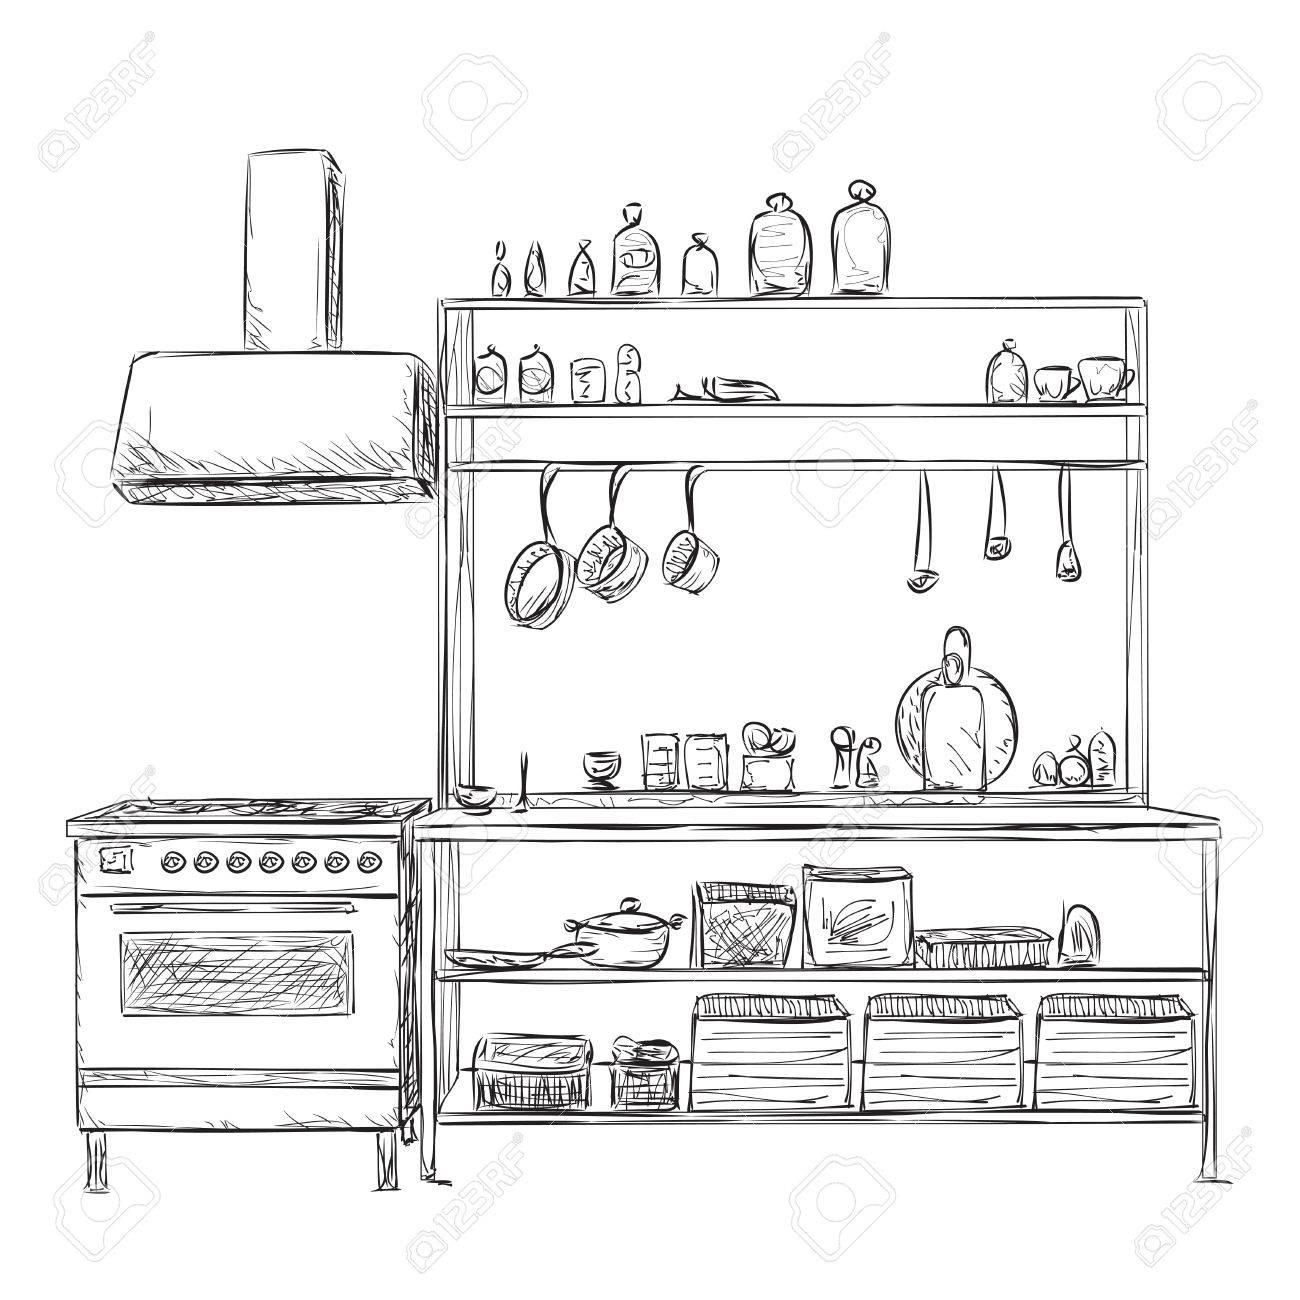 Schrank gezeichnet  Küchenschrank, Küchenregal. Hand Gezeichnet Innen Lizenzfrei ...